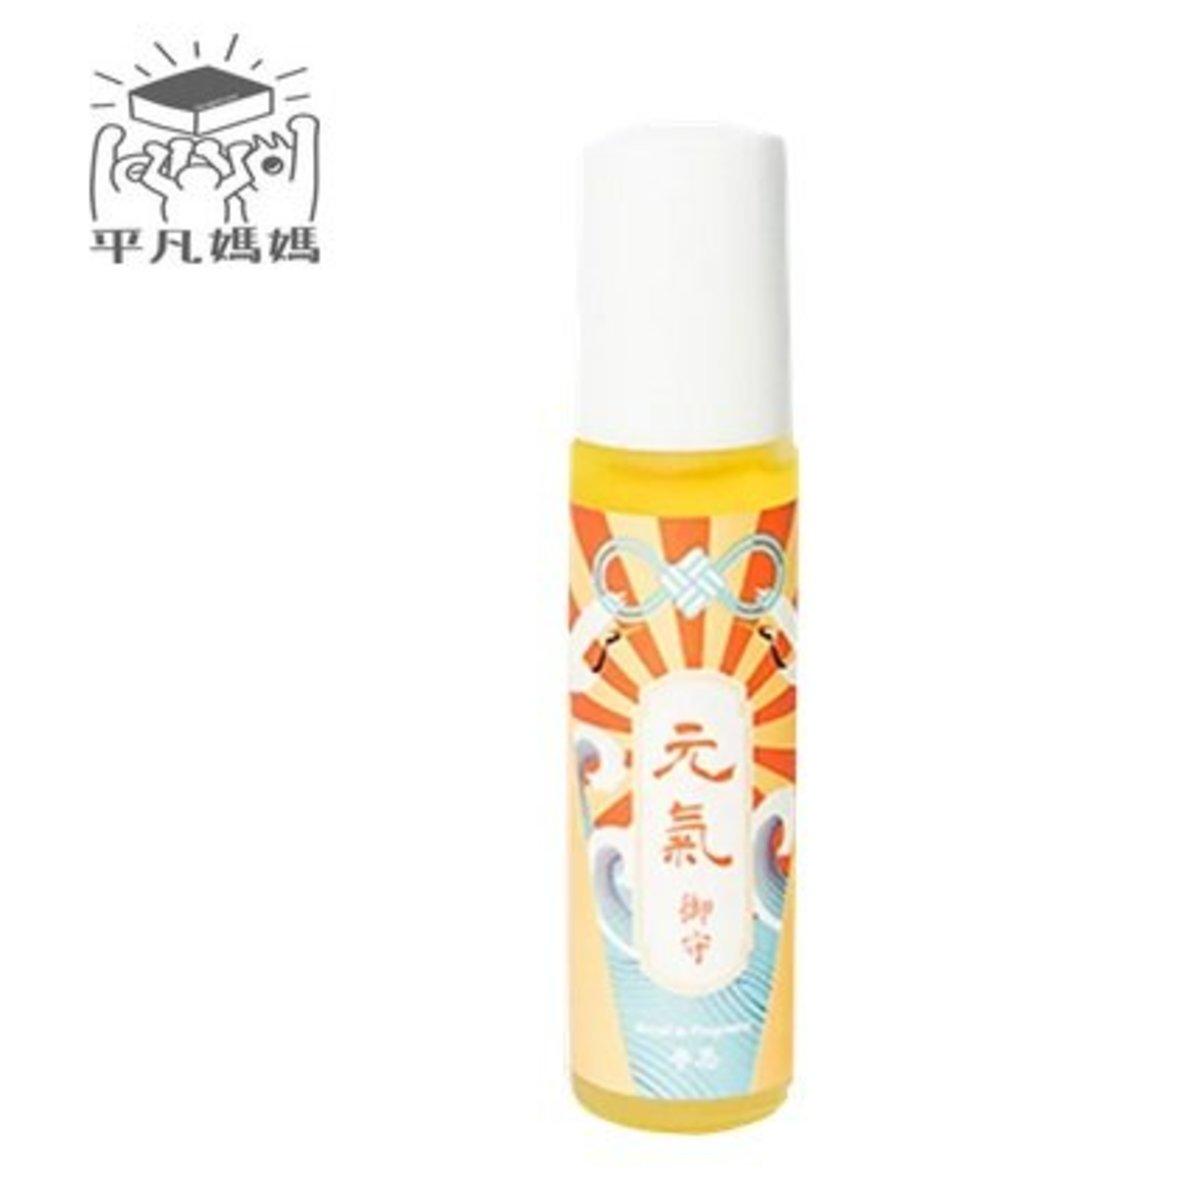 純天然香港製作 提神 元氣御守 走珠裝 (10ml)